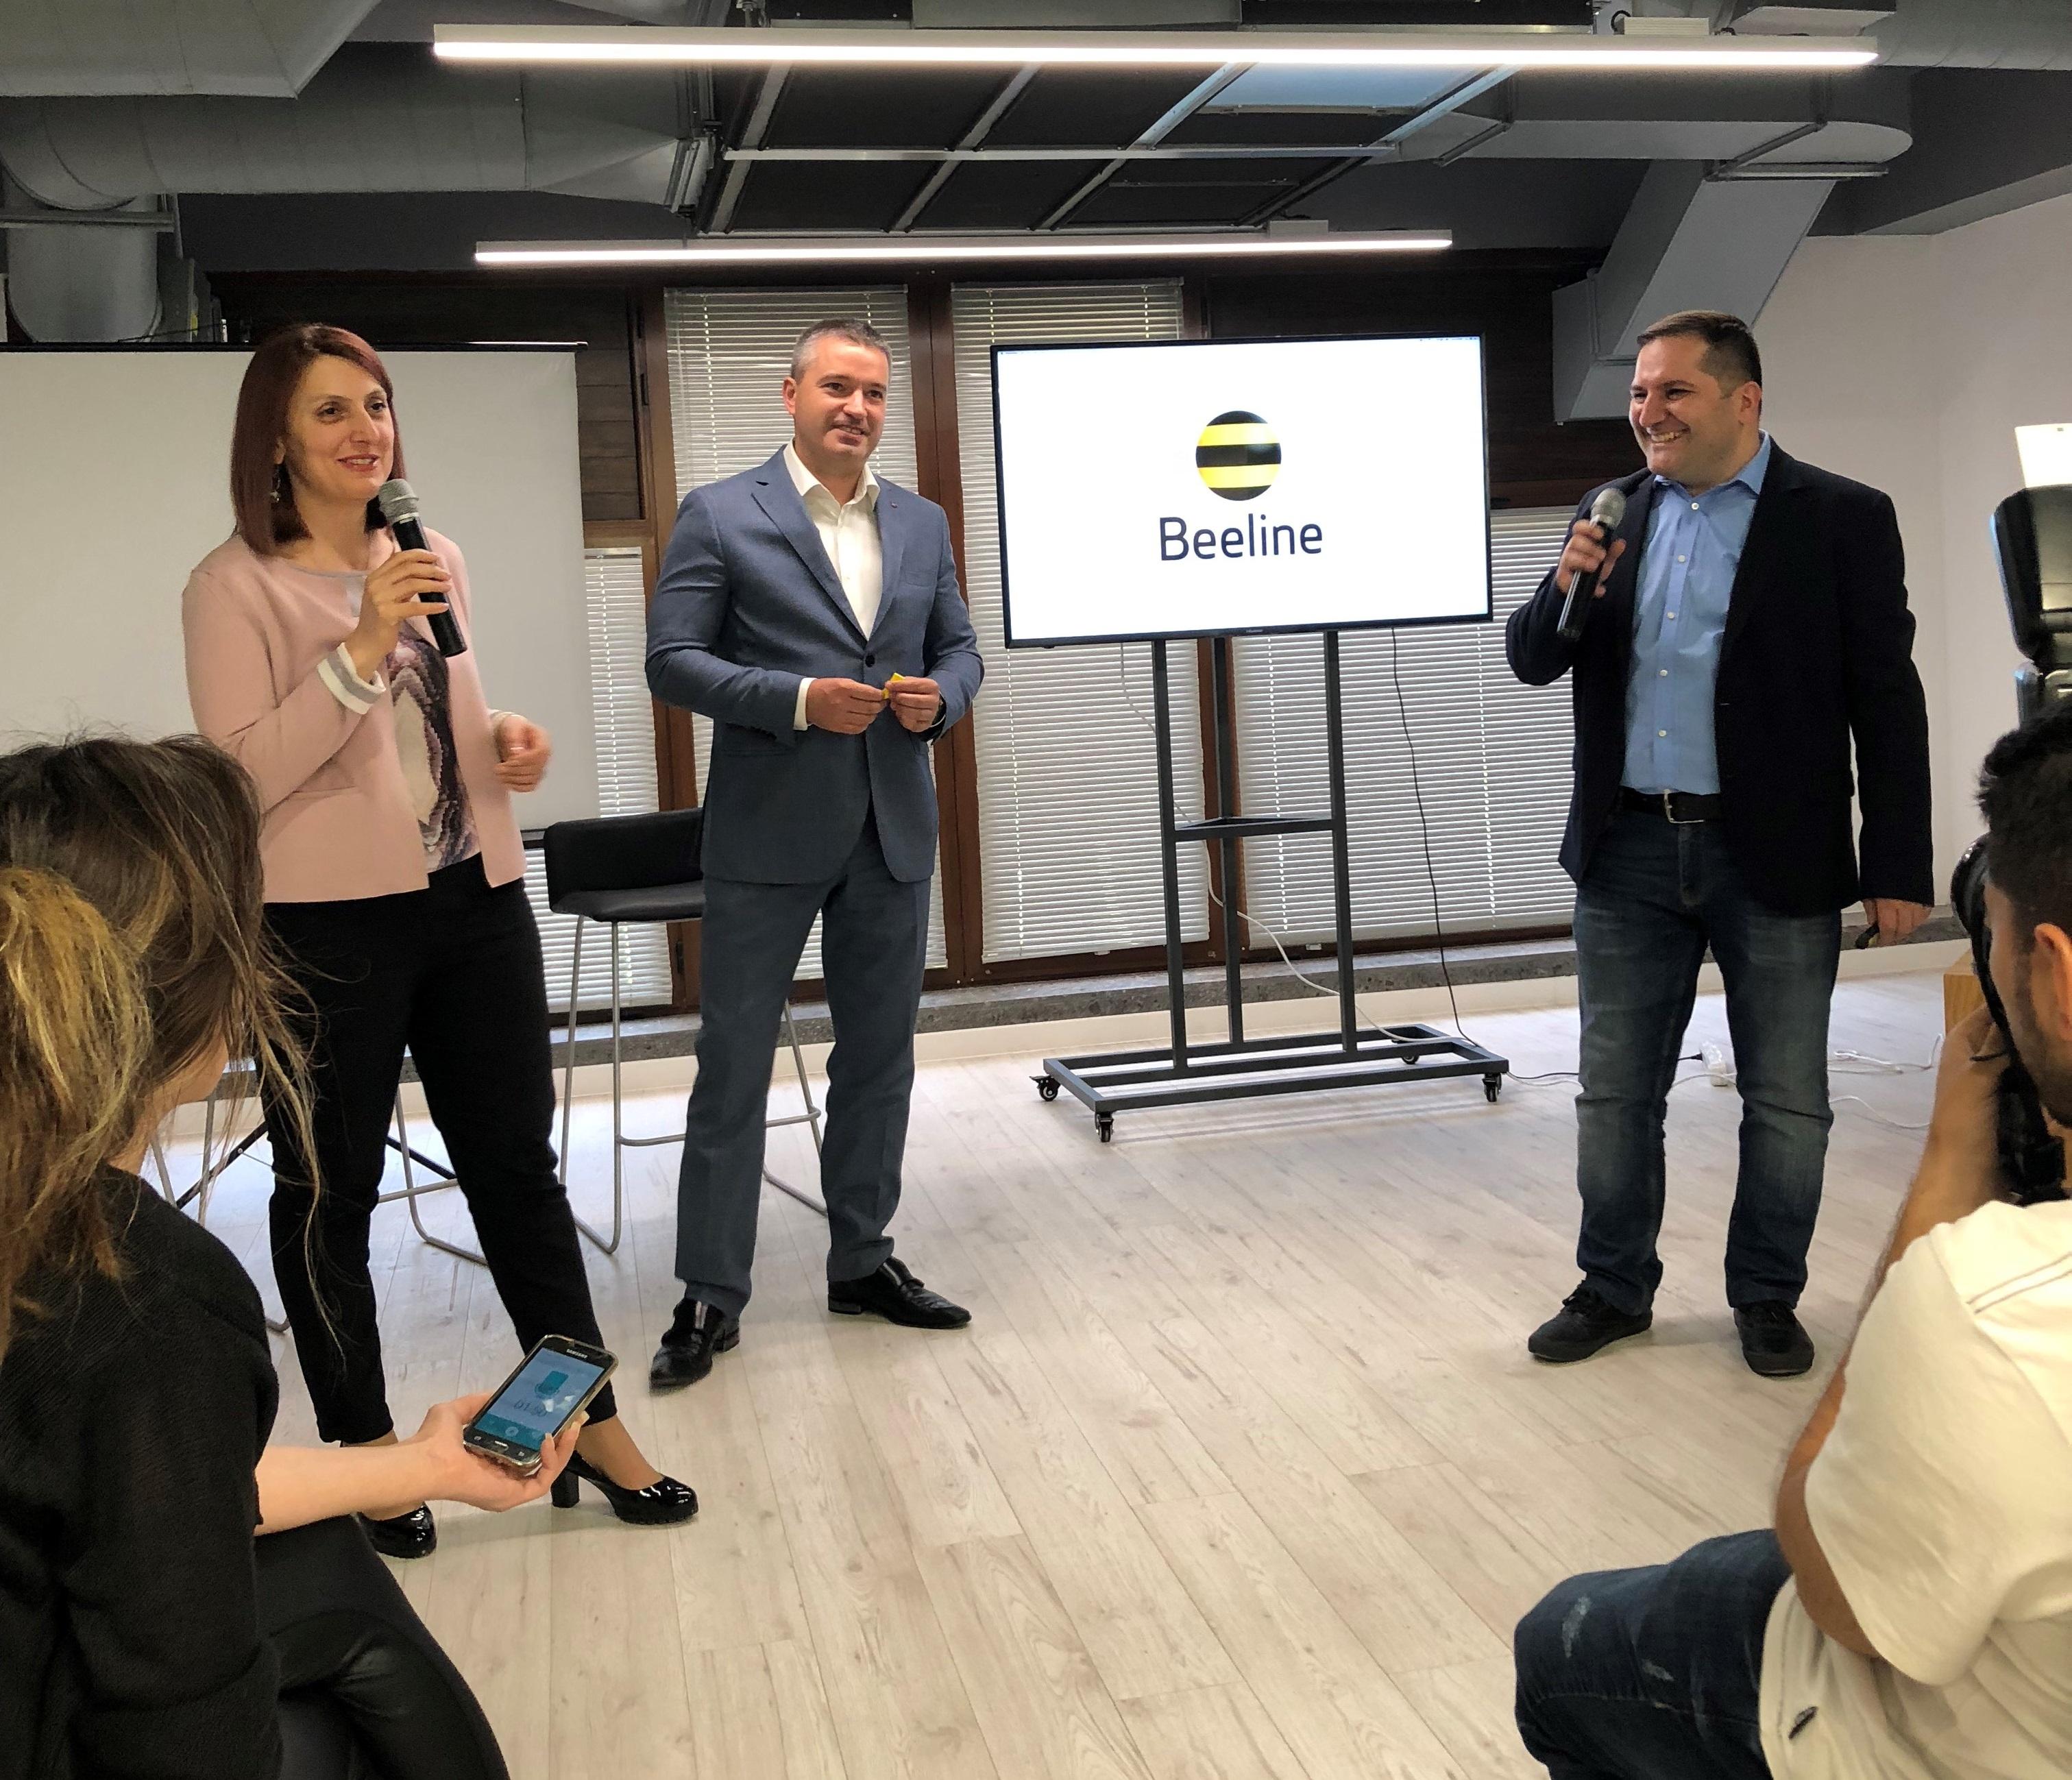 В Ереване открылся Beeline Startup Incubator